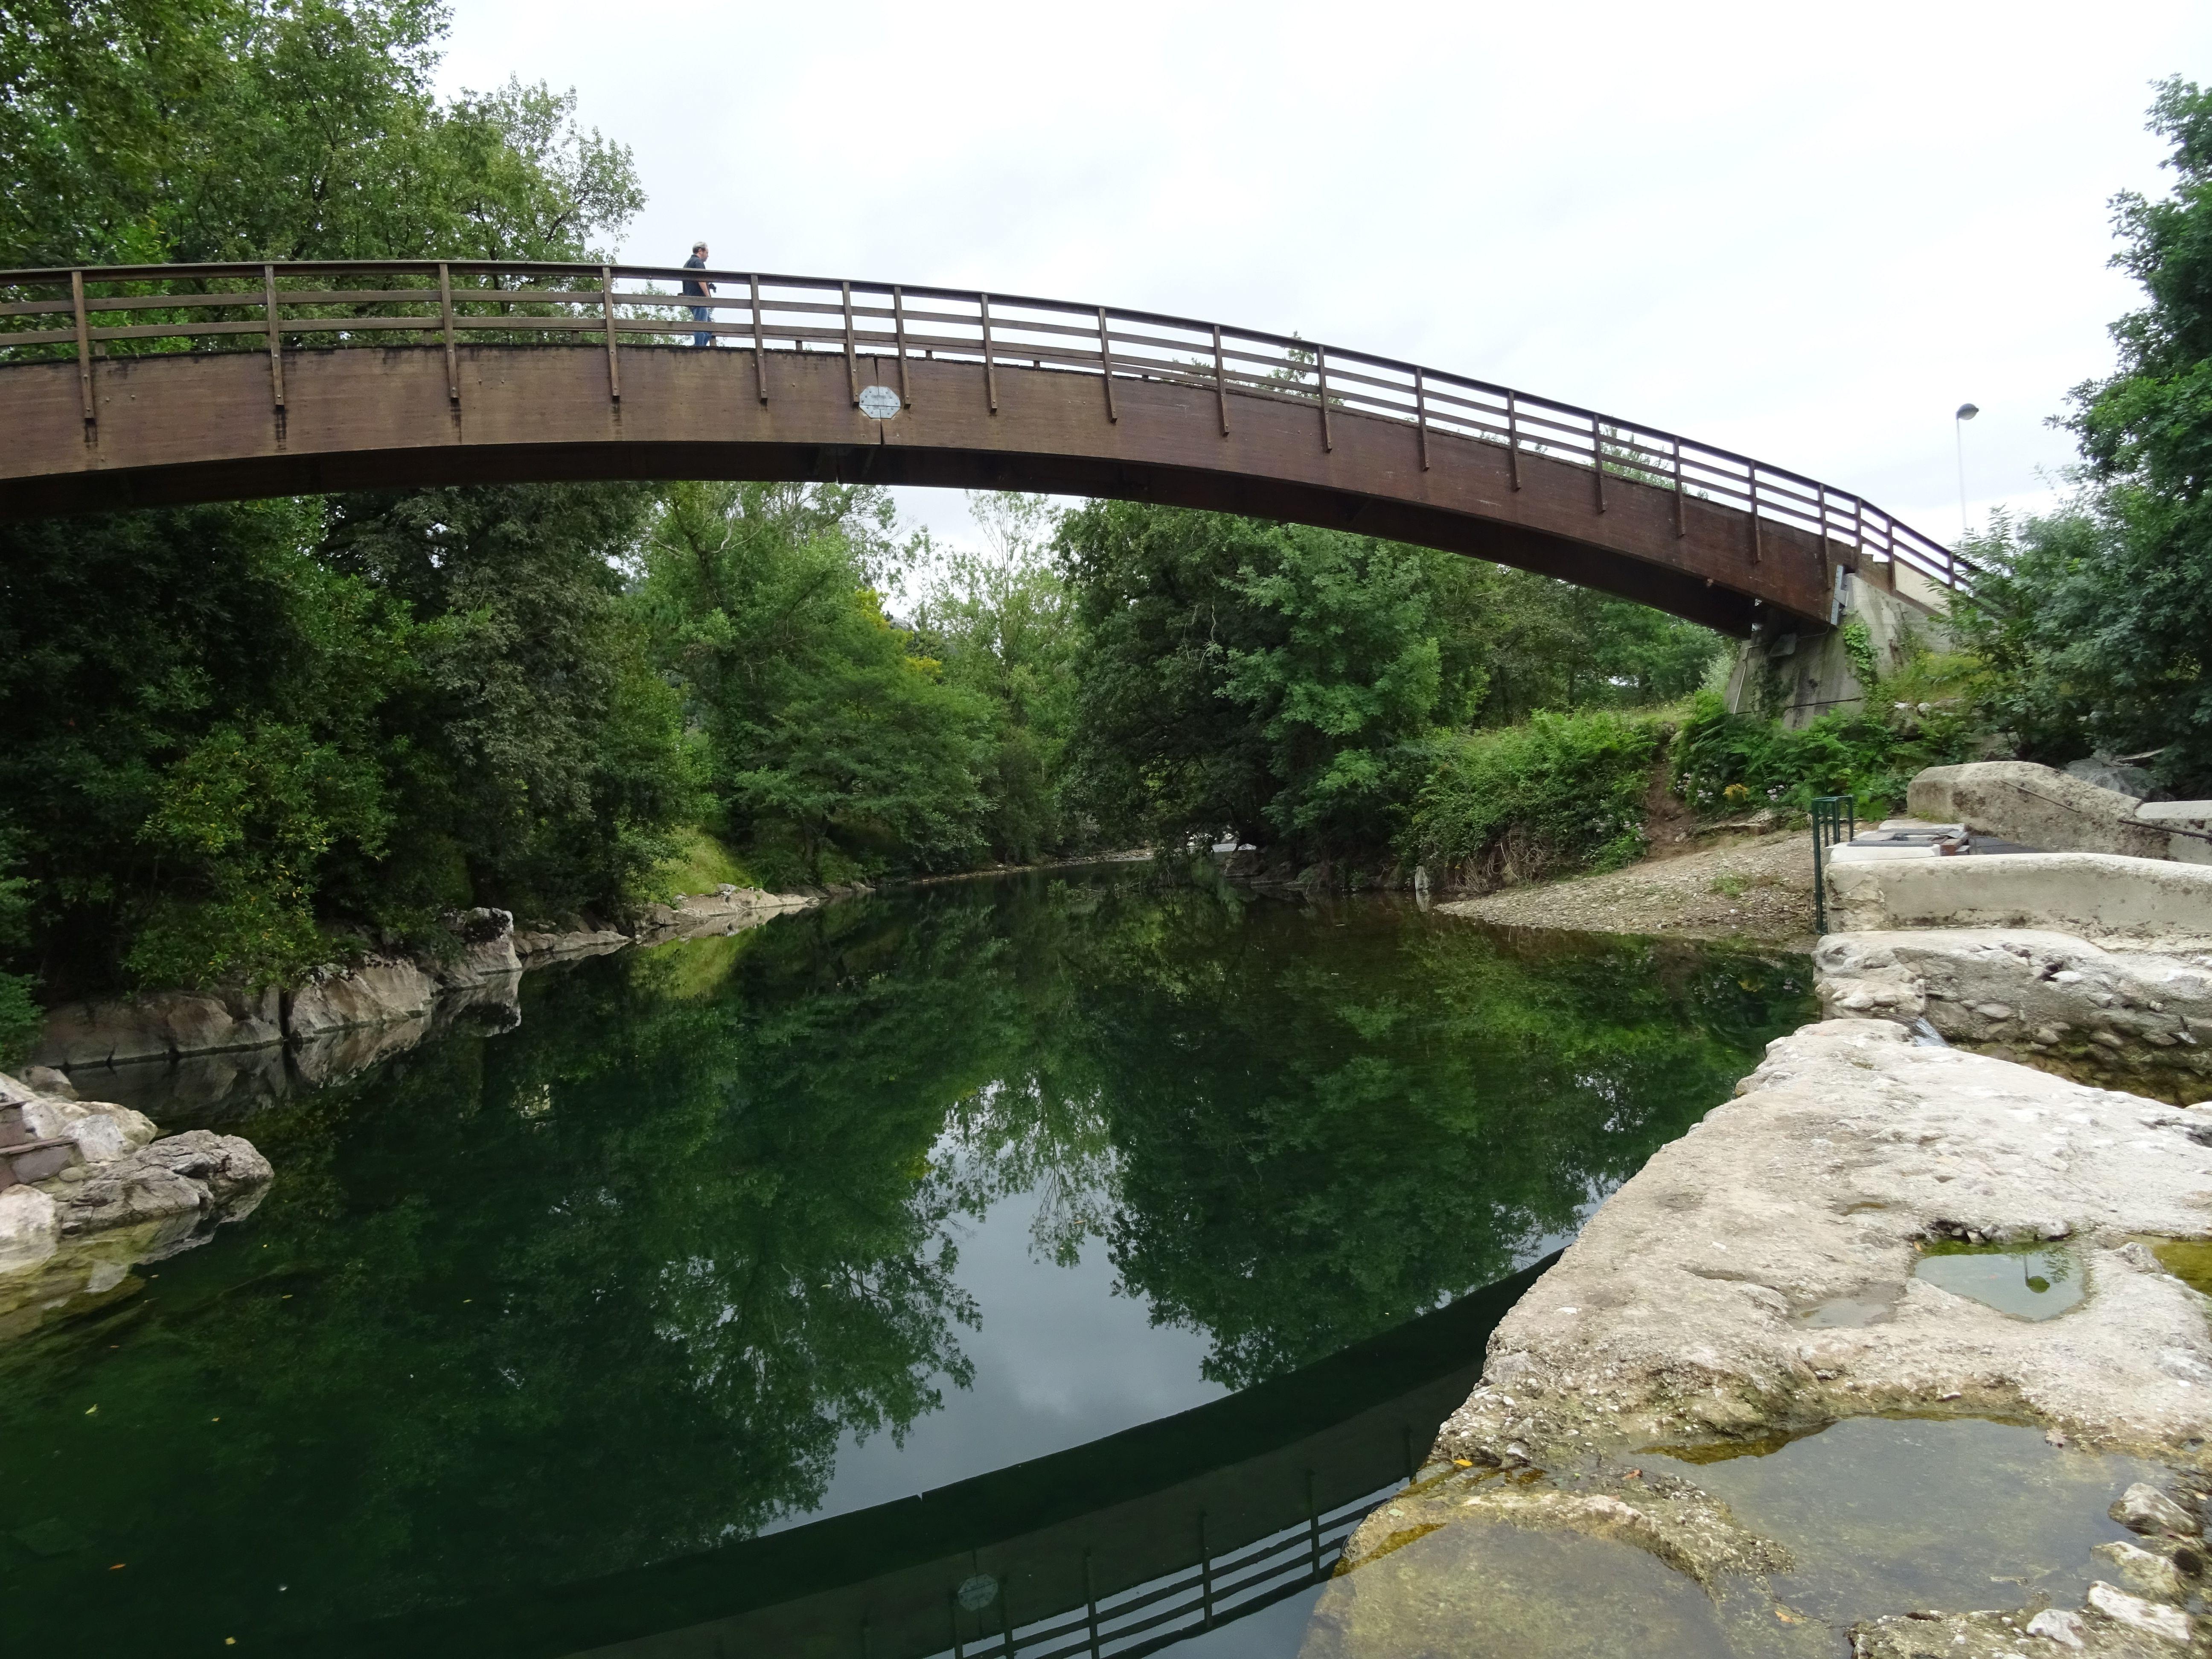 Puente sobre el río Pas, es un puente de hierro cuyo color rojizo destaca sobre el verde del paisaje y del río y el blanco de la roca